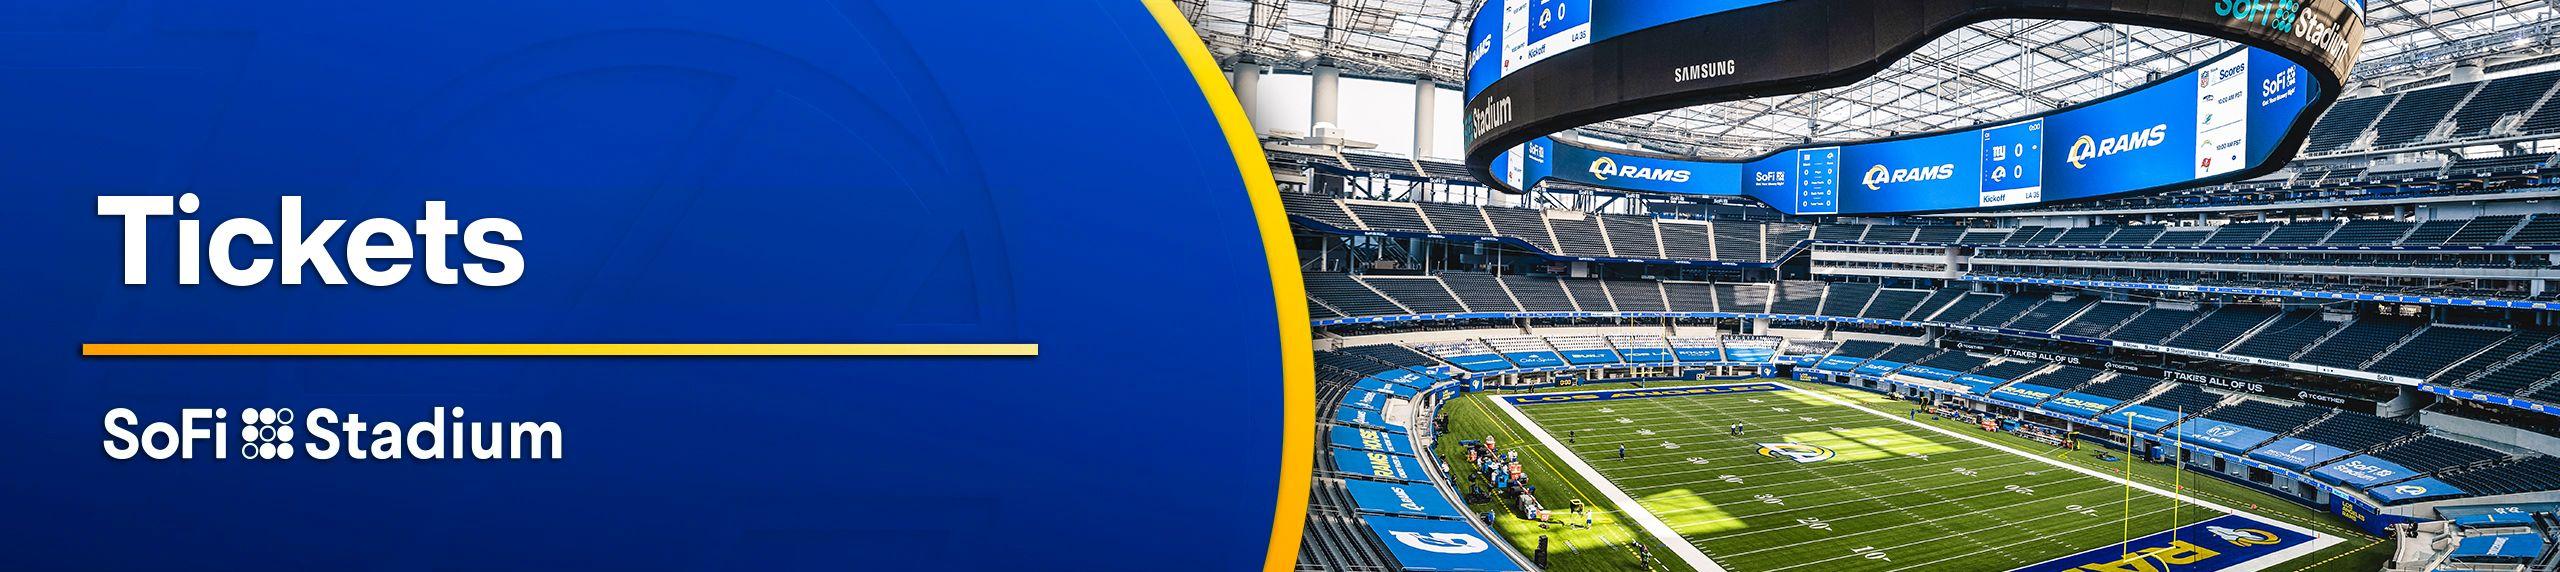 Rams Tickets Los Angeles Rams Therams Com